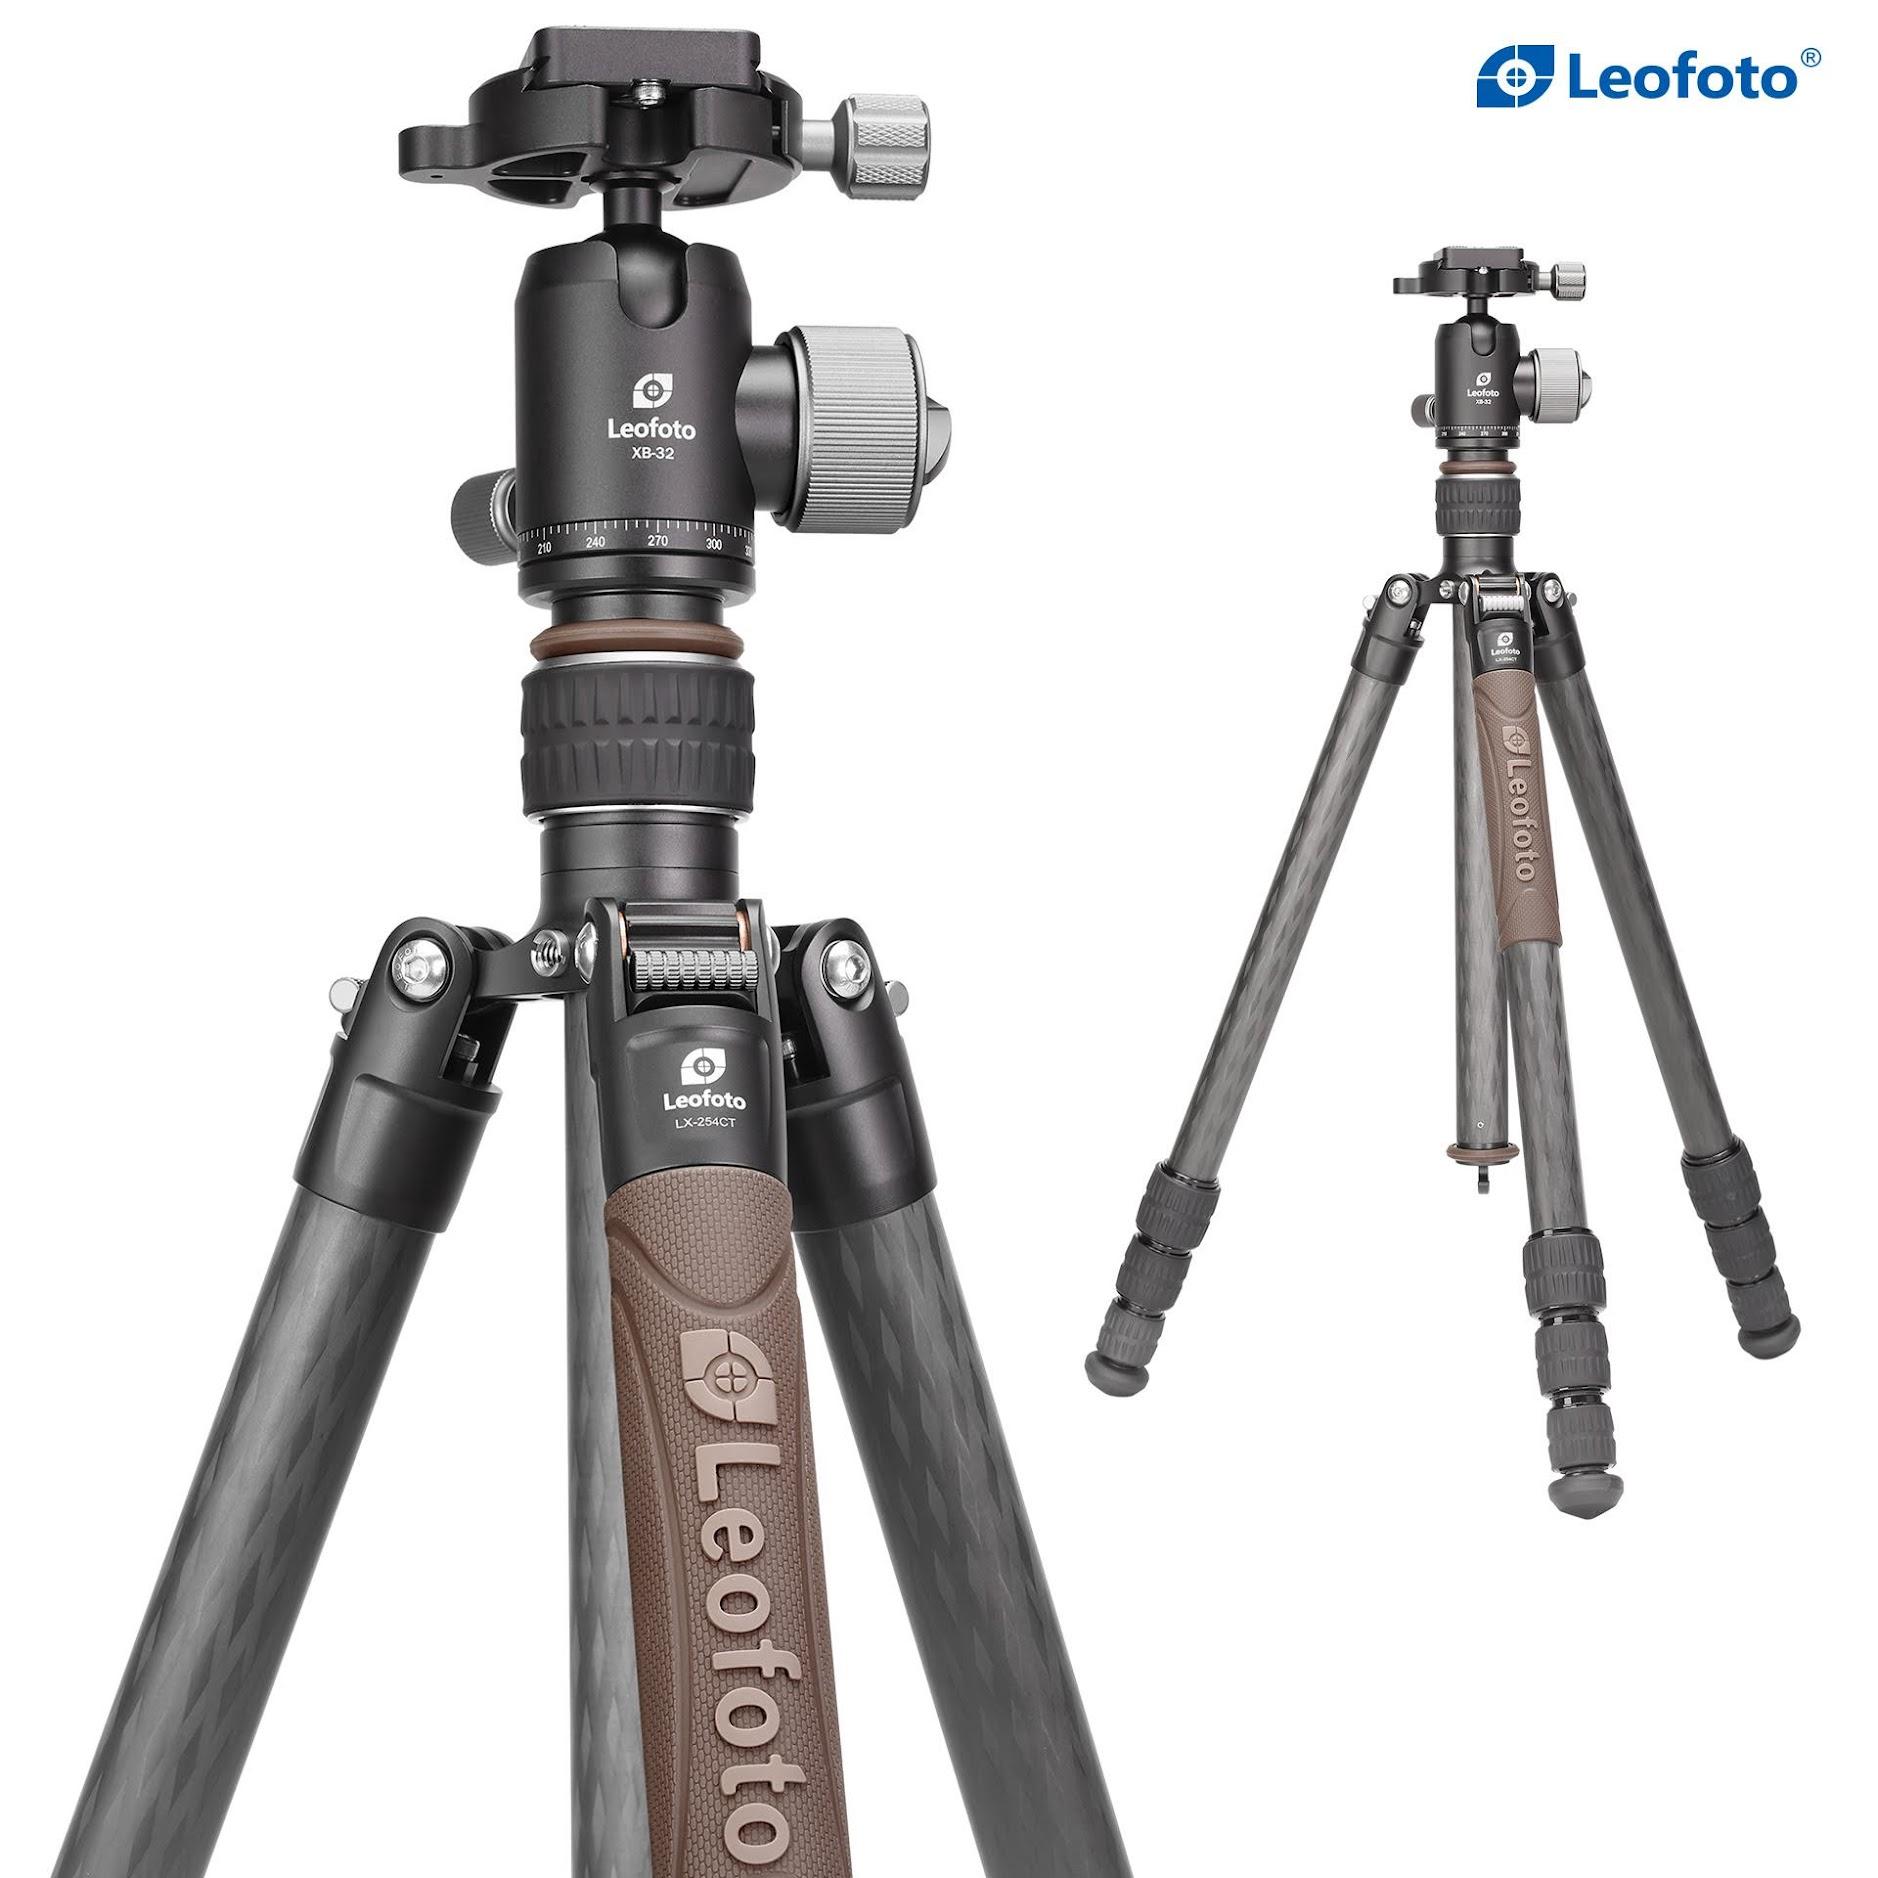 山岳写真で使う三脚を検討:実用面とコスパ重視で検討したらLeofoto LX-254CTが一番かも!